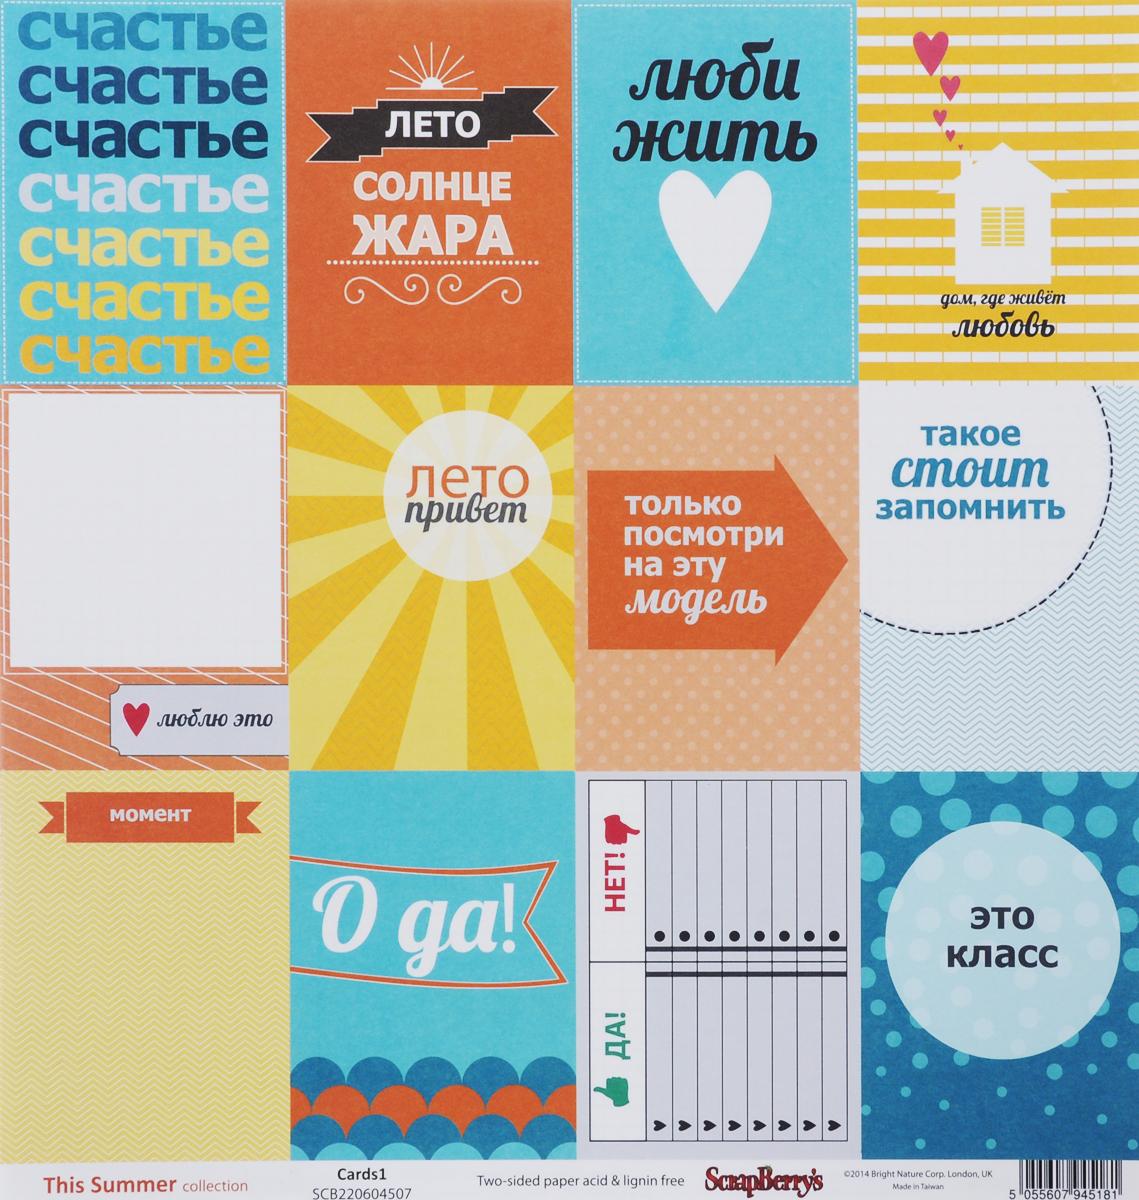 Бумага для скрапбукинга ScrapBerrys Летние карточки, 30,5 х 30,5 см, 10 листовSCB220604507Бумага для скрапбукинга ScrapBerrys Летние карточки позволит создать красивый альбом, фоторамку или открытку ручной работы, оформить подарок или аппликацию. Набор включает в себя 10 листов из плотной бумаги с односторонней печатью. Бумага не содержит кислоты и лигнина.Скрапбукинг - это хобби, которое способно приносить массу приятных эмоций не только человеку, который этим занимается, но и его близким, друзьям, родным. Это невероятно увлекательное занятие, которое поможет вам сохранить наиболее памятные и яркие моменты вашей жизни, а также интересно оформить интерьер дома. Размер листа: 30,5 х 30,5 см.